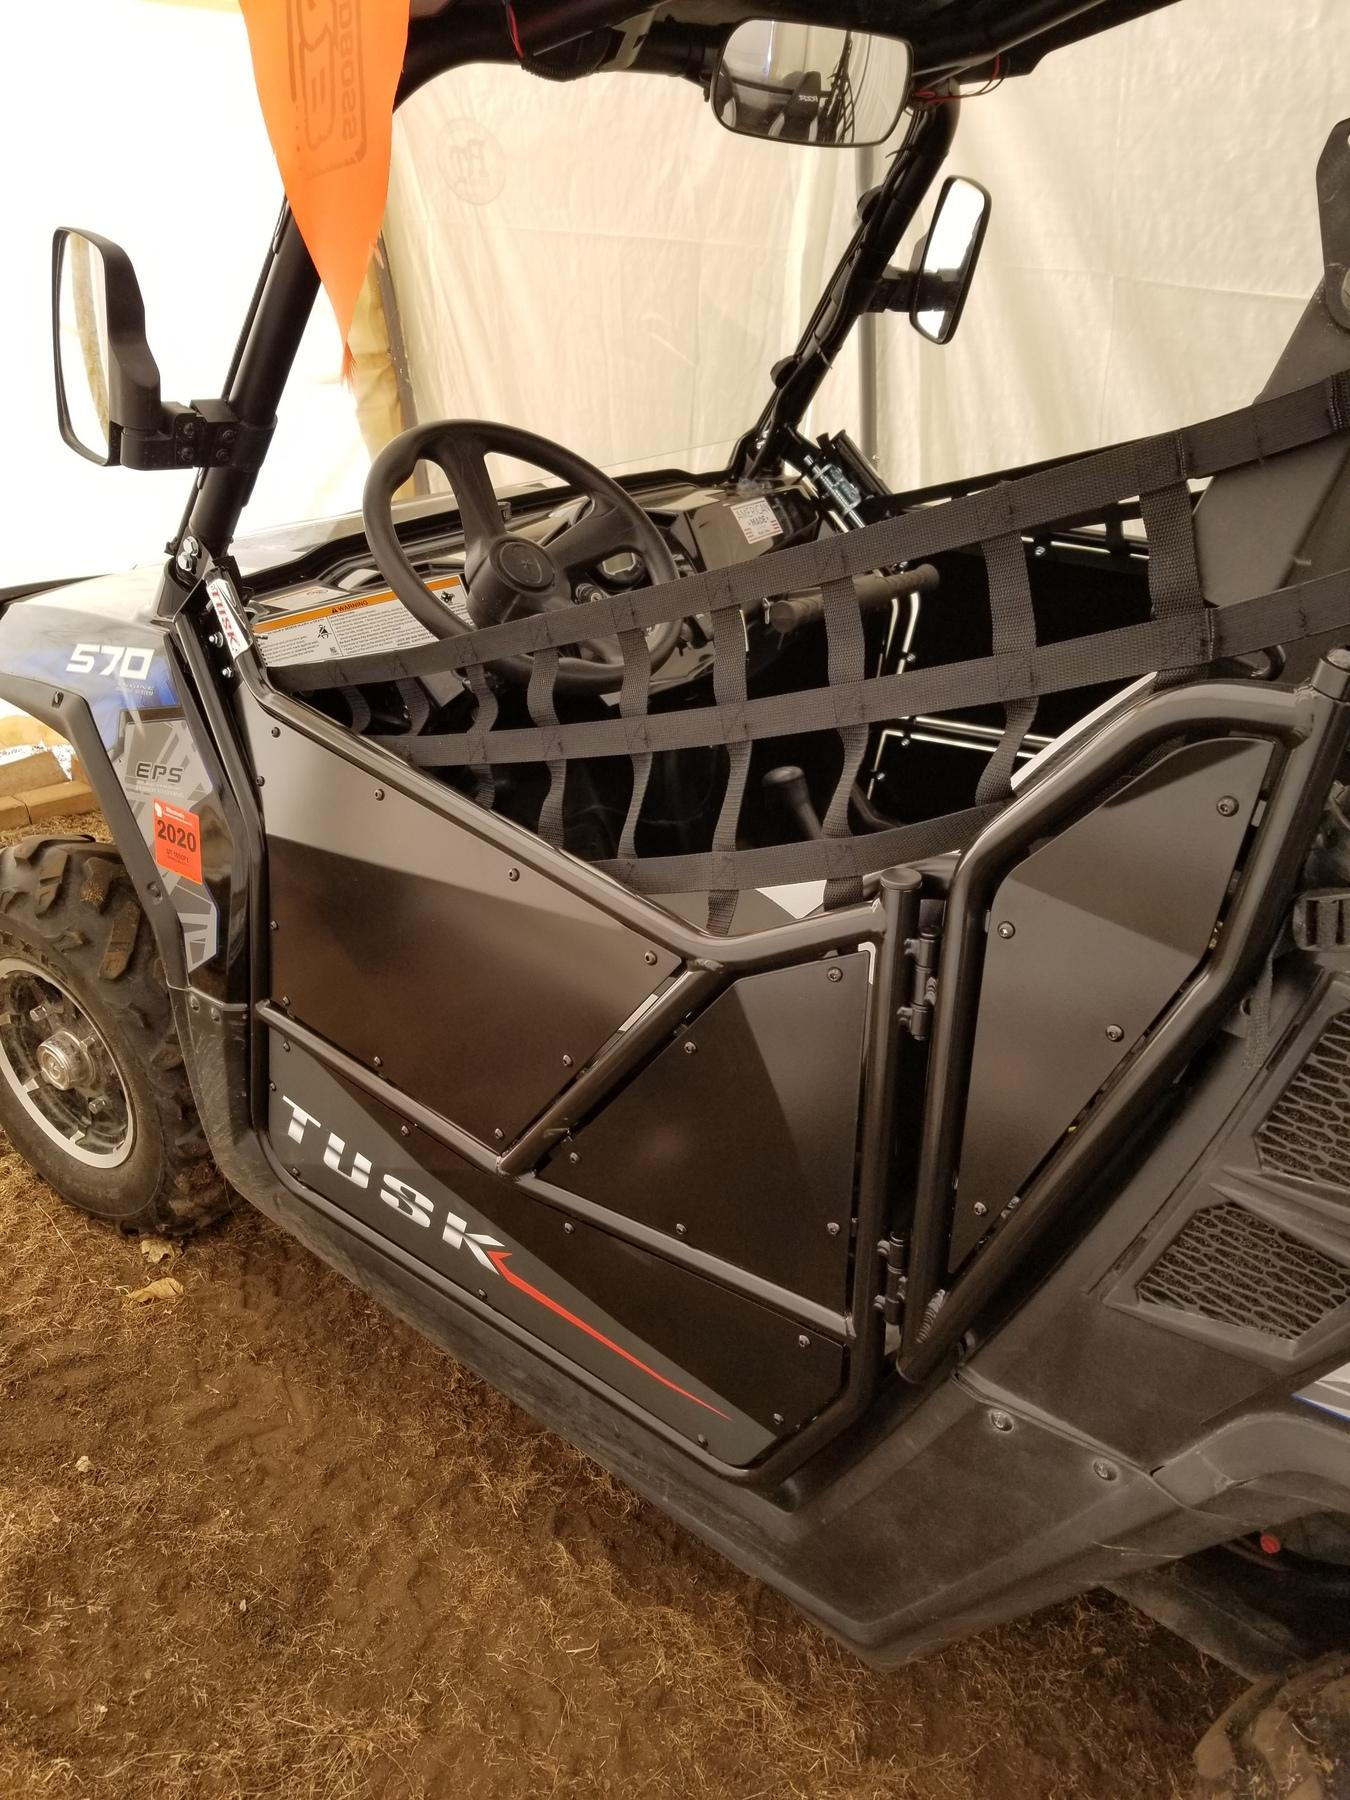 Tusk Aluminum Suicide Doors for Polaris RZR 800 / RZR 570 / RZR XP 900